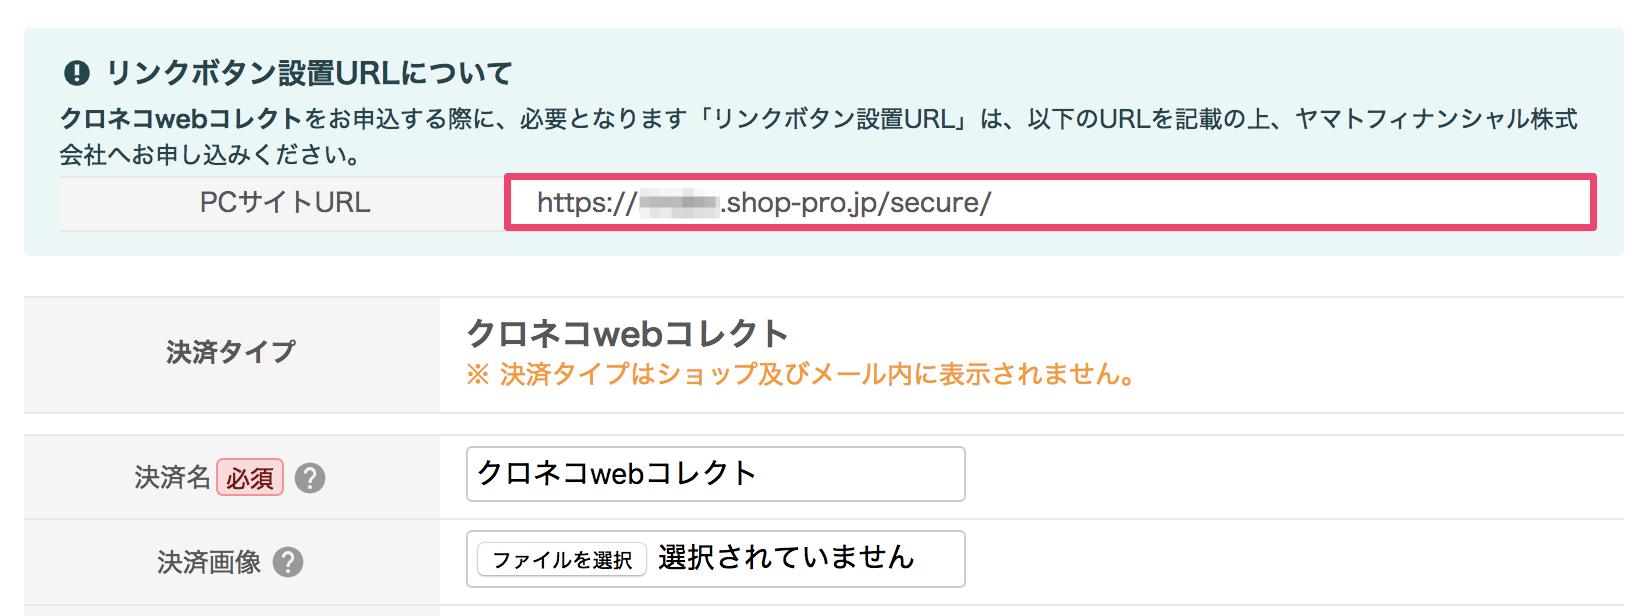 クロネコwebコレクト リンクボタン設置URL